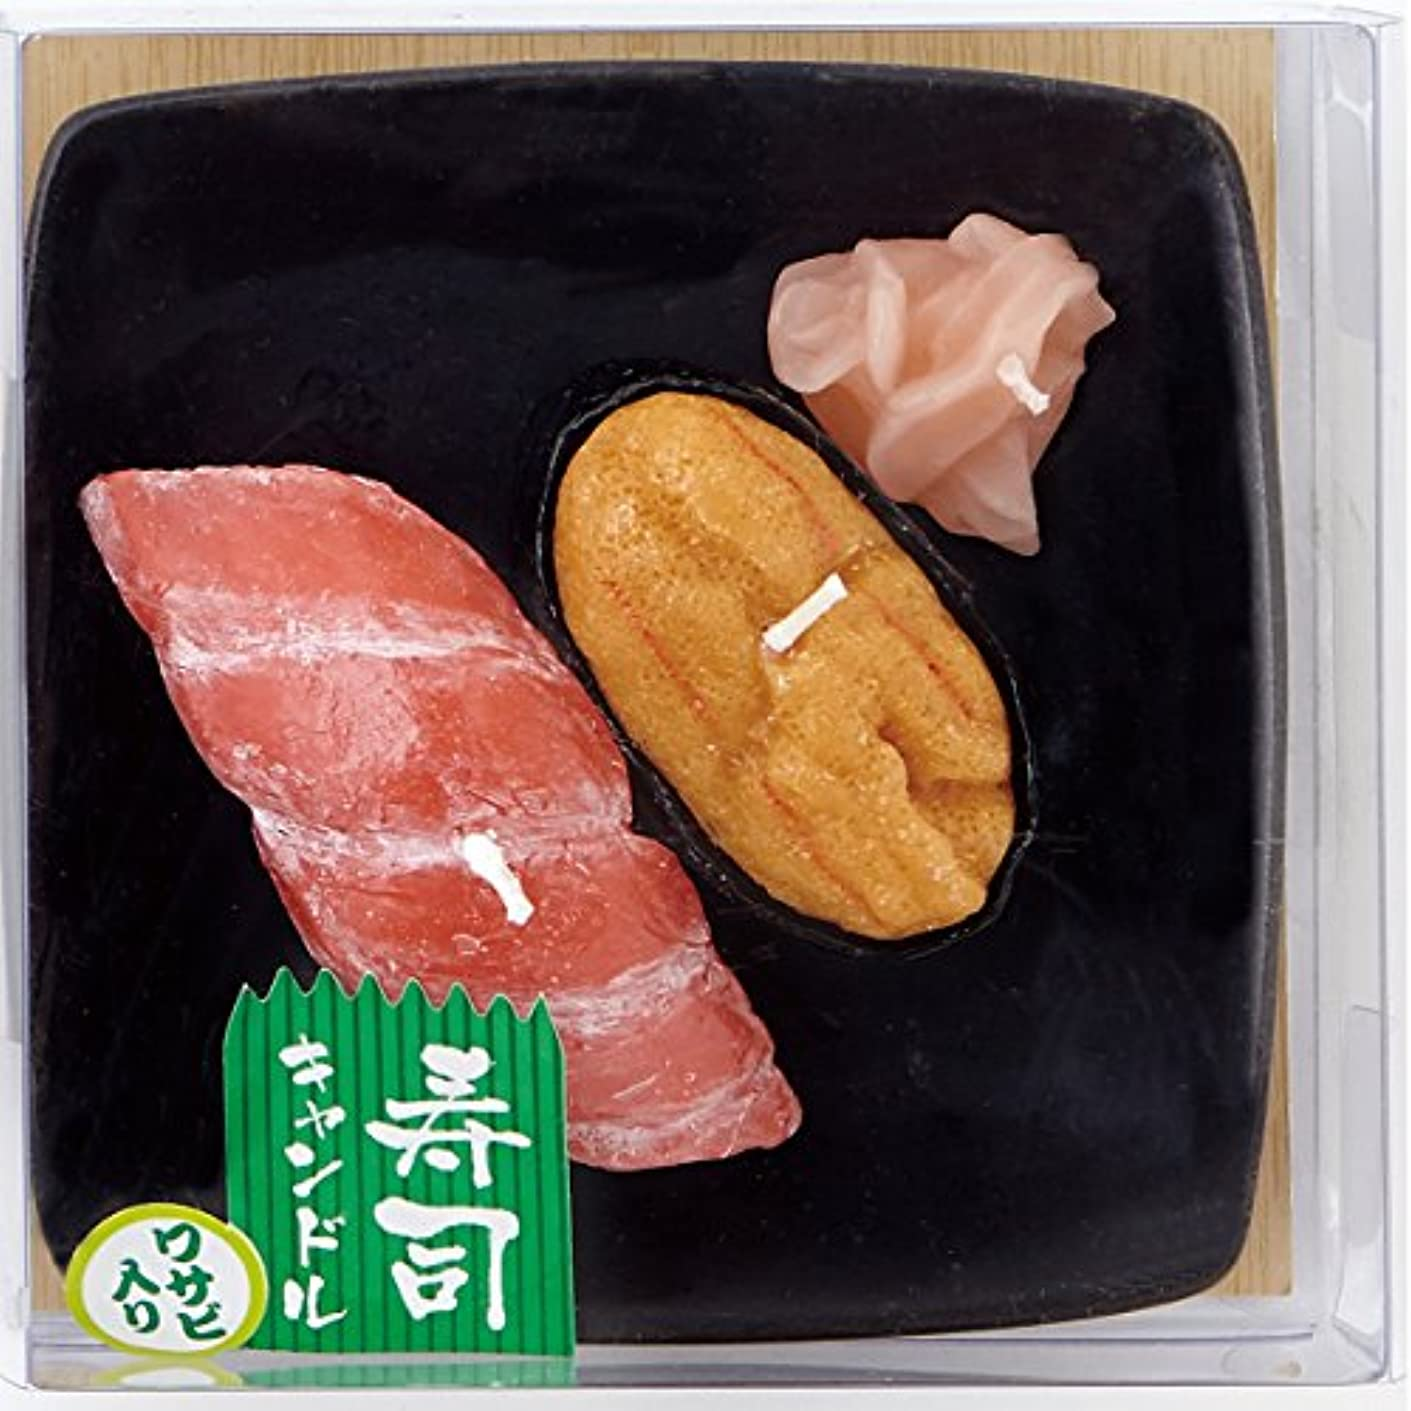 扇動する不安定フォルダ寿司キャンドル C(ウニ?大トロ) サビ入